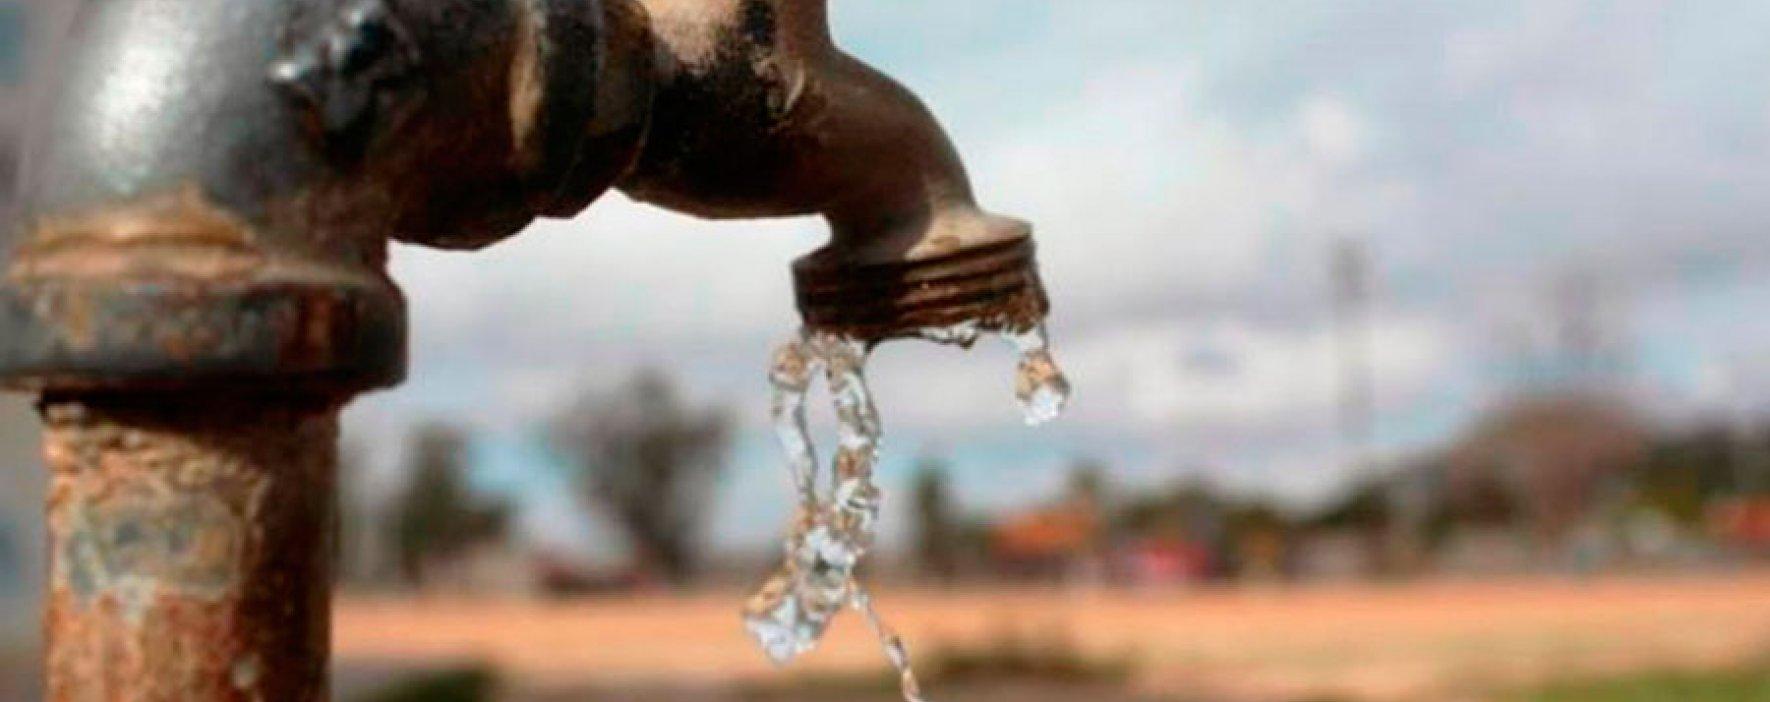 635 municipios del país en riesgo de quedar descertificados